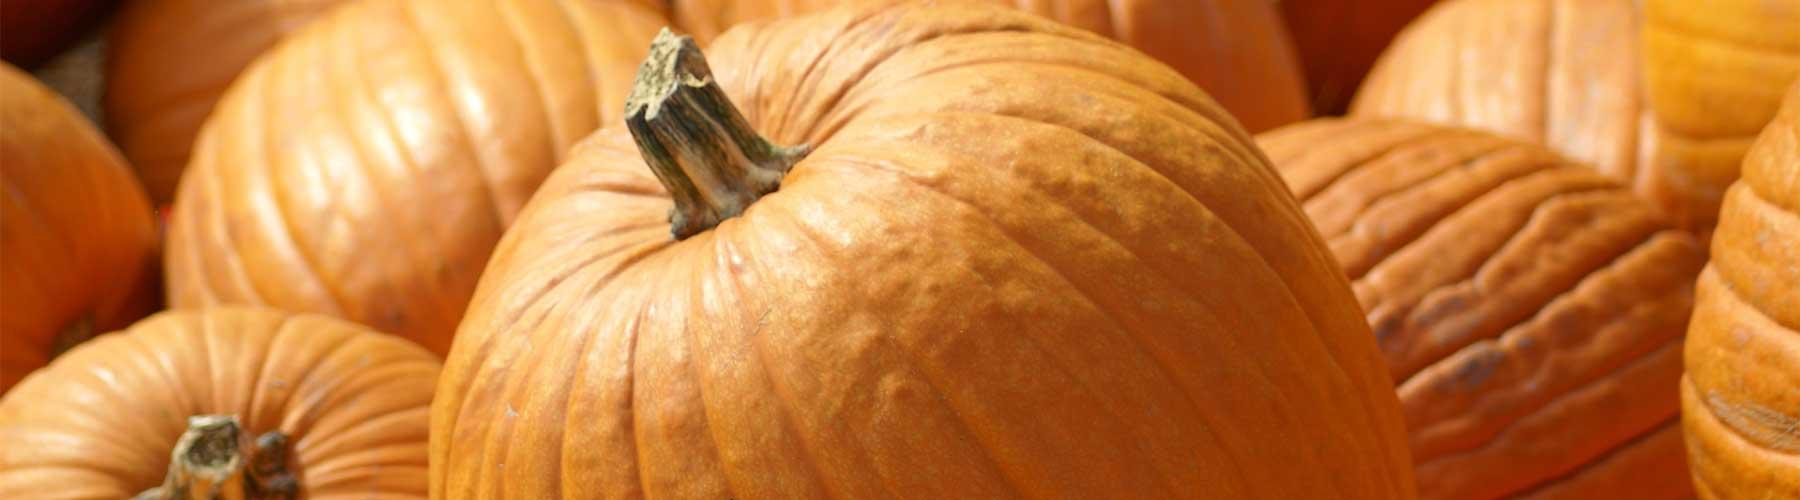 slider-pumpkin